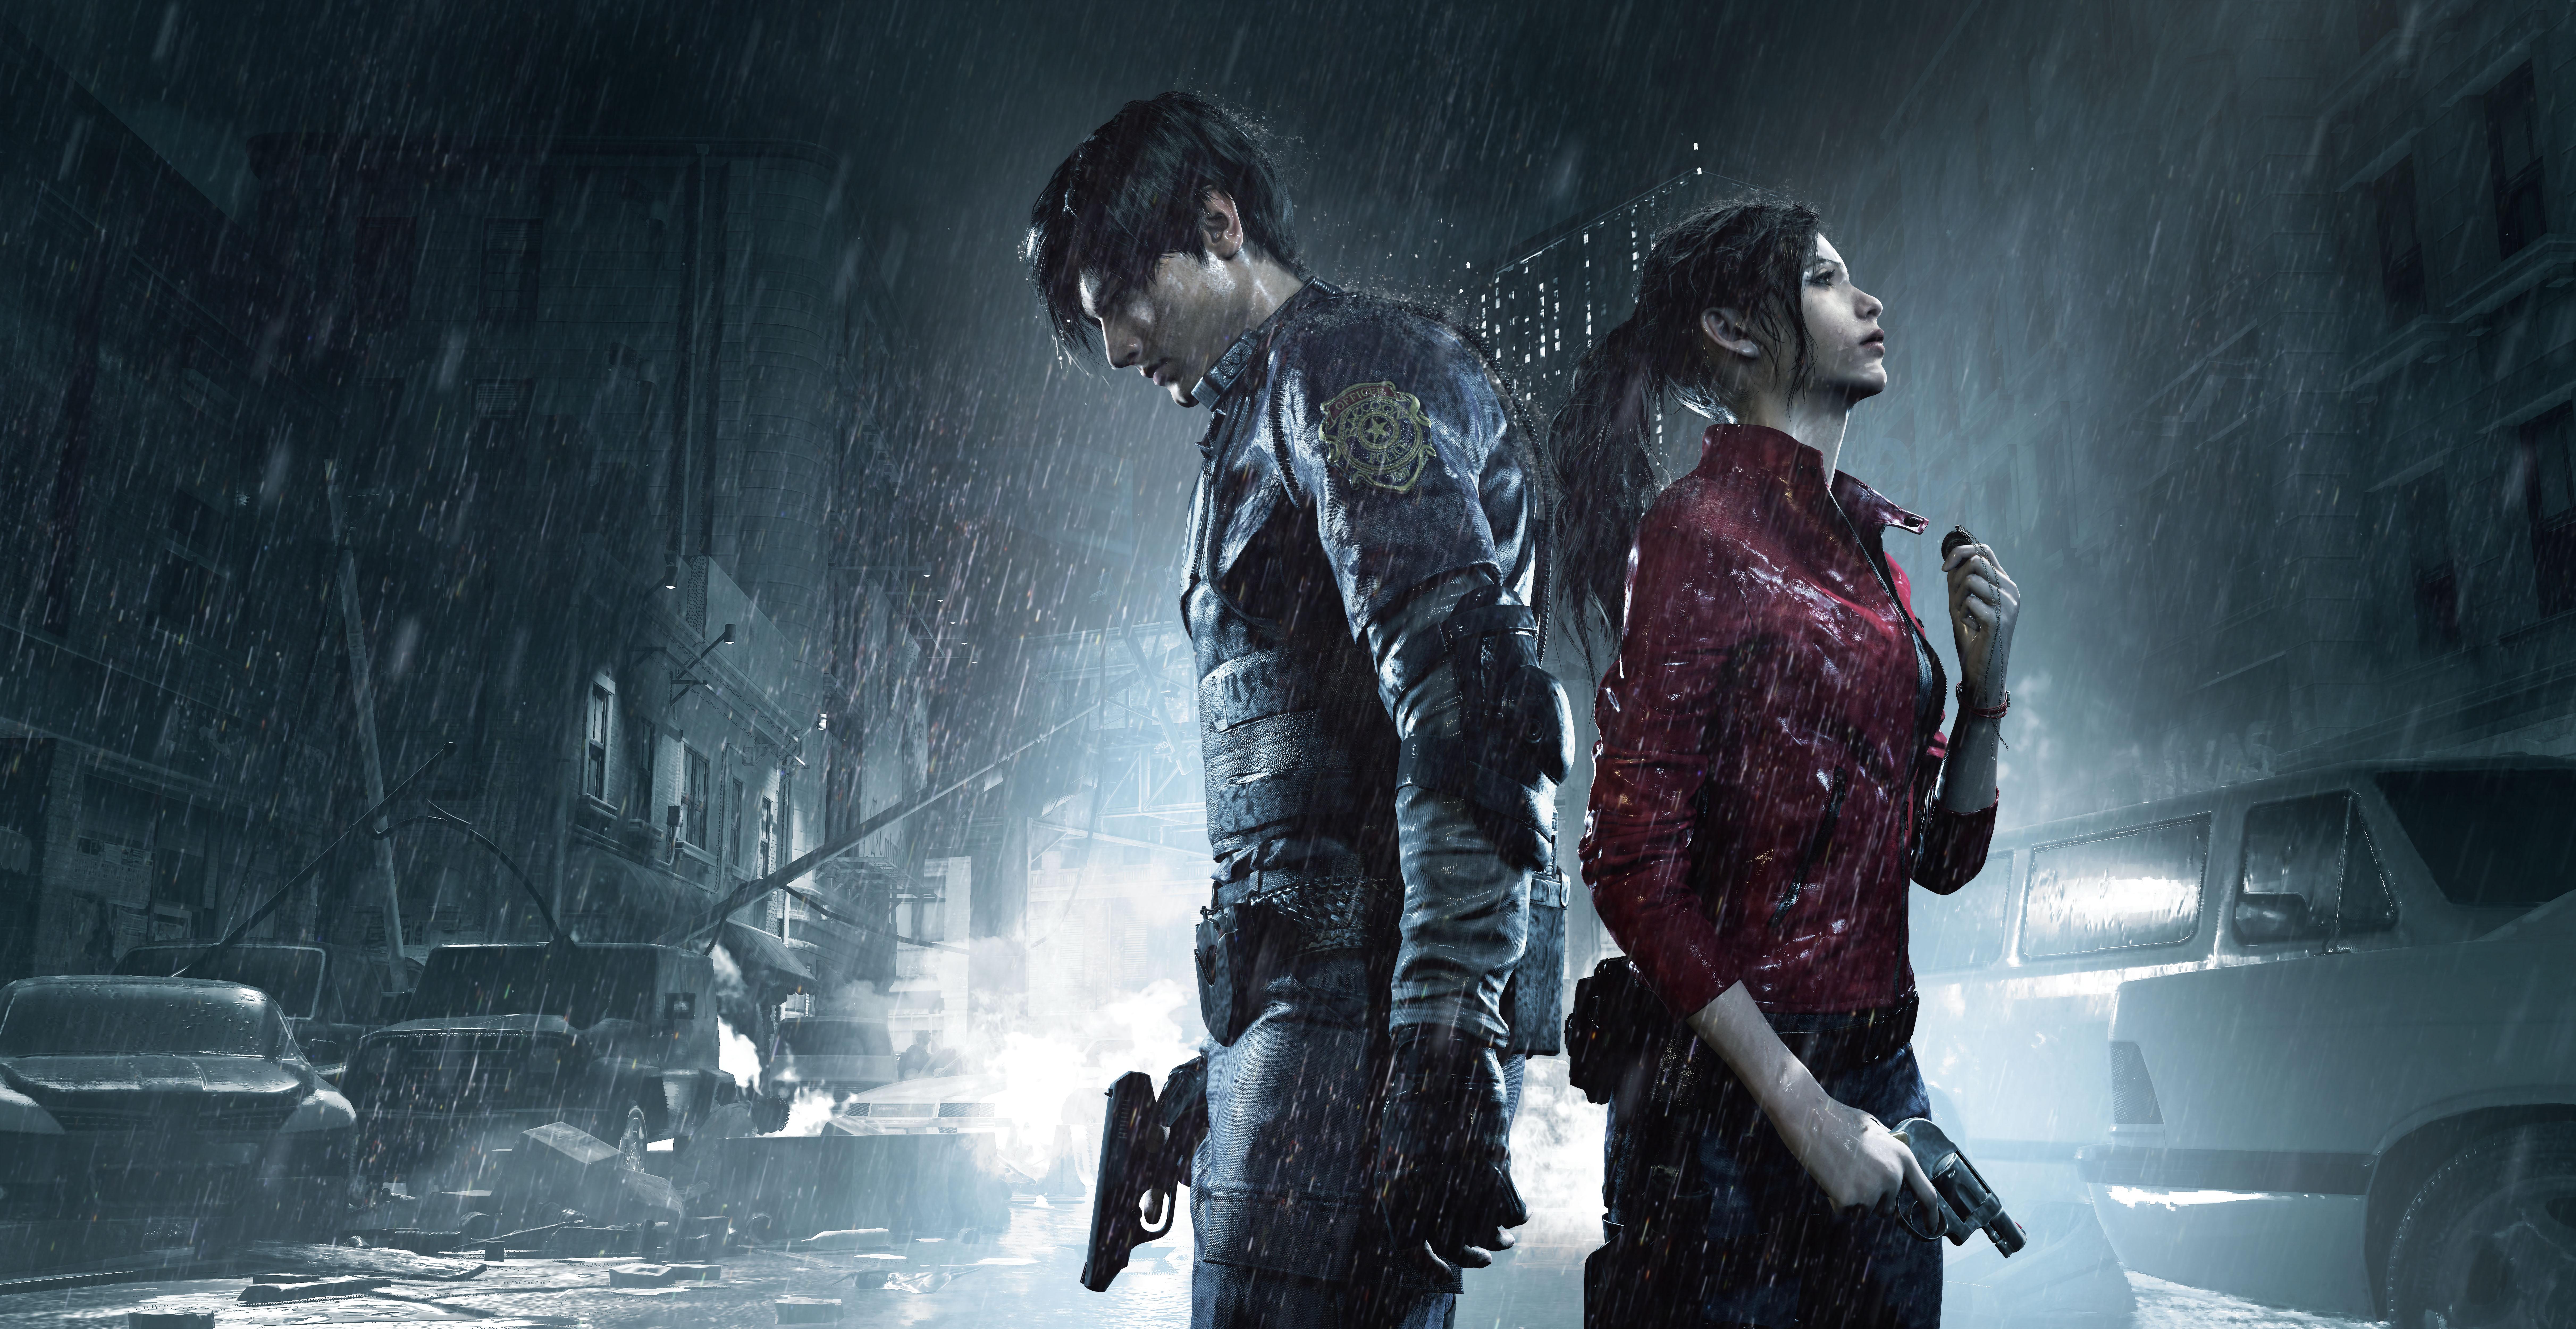 Claire Redfield et Leon S. Kennedy dos à dos sous la pluie, dans la rue Resident Evil 2 Remake